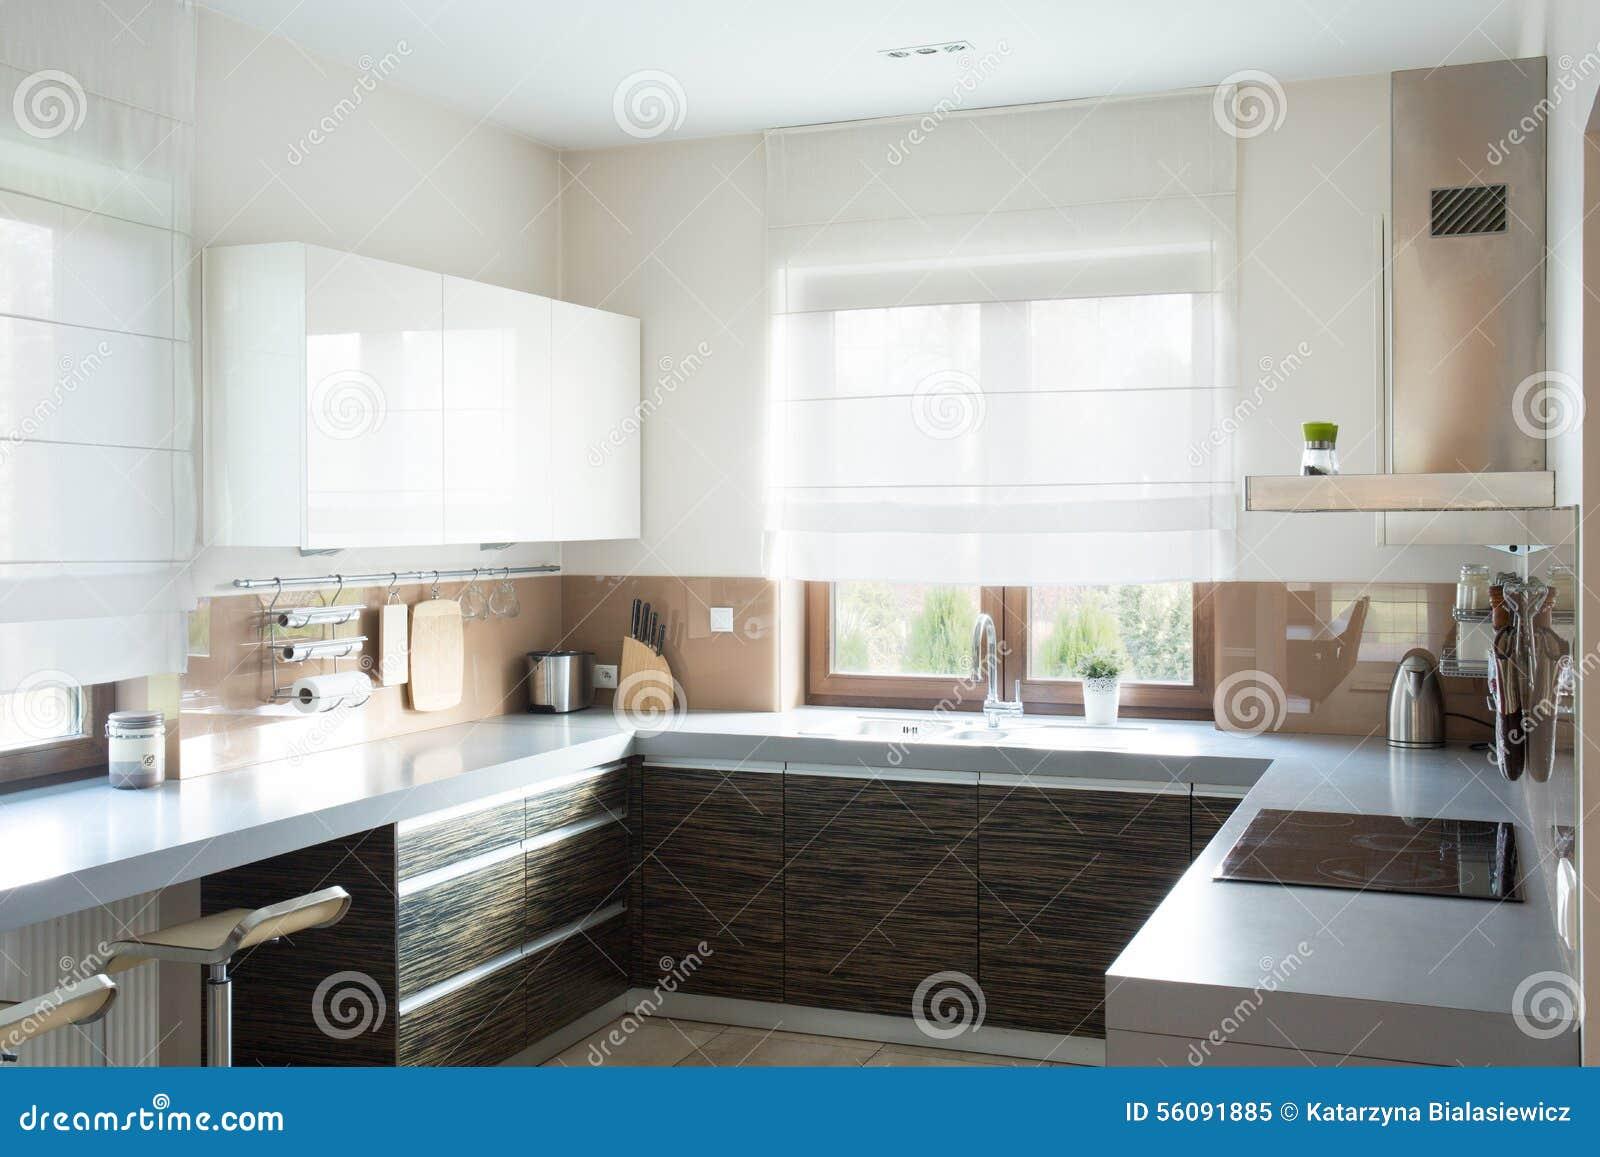 Beige Keuken Binnenlands Ontwerp Stock Foto - Afbeelding: 56091885